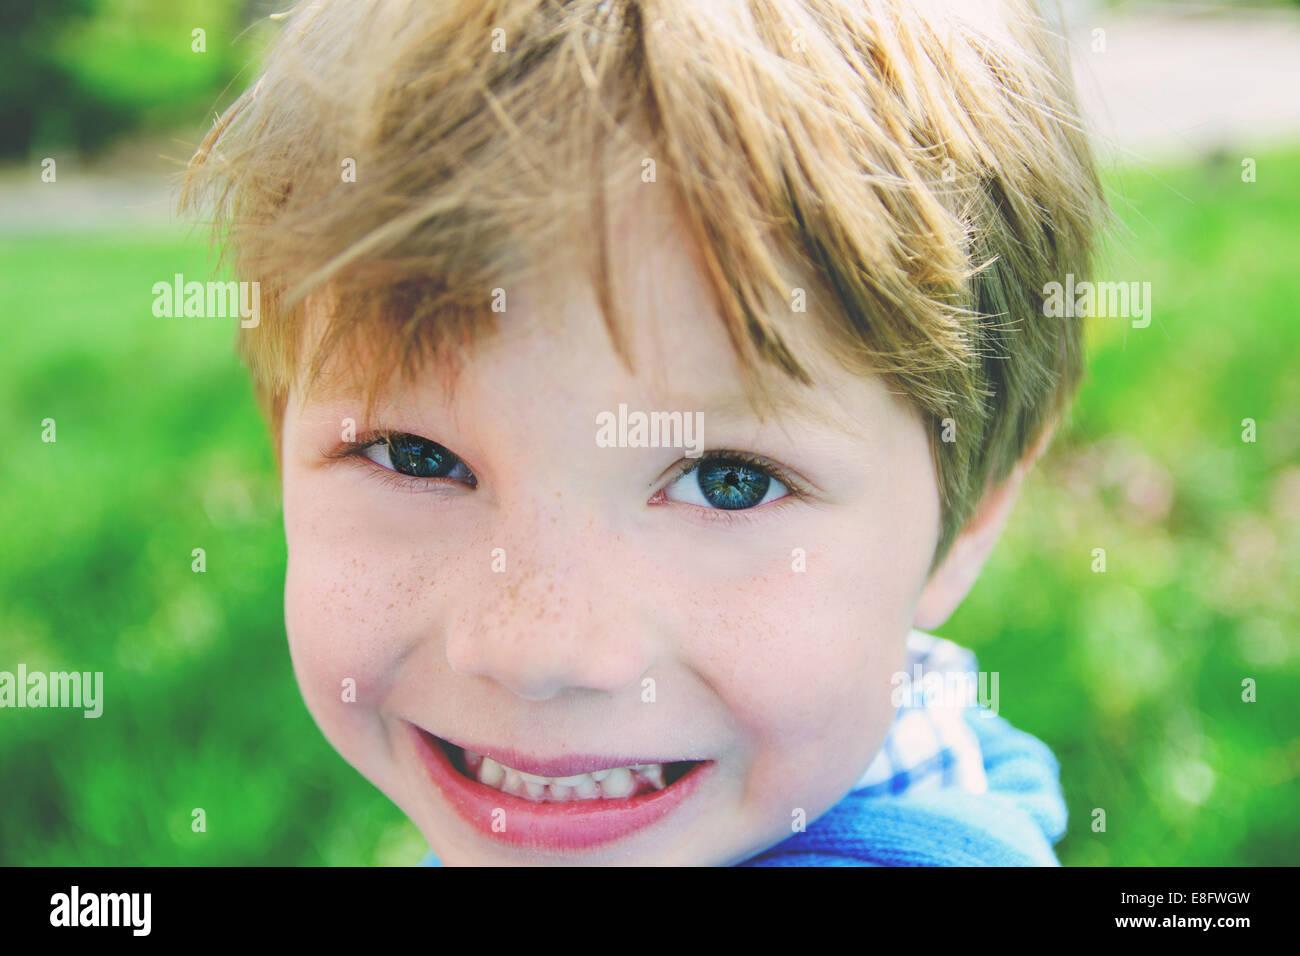 Boy (4-5) smiling at camera - Stock Image